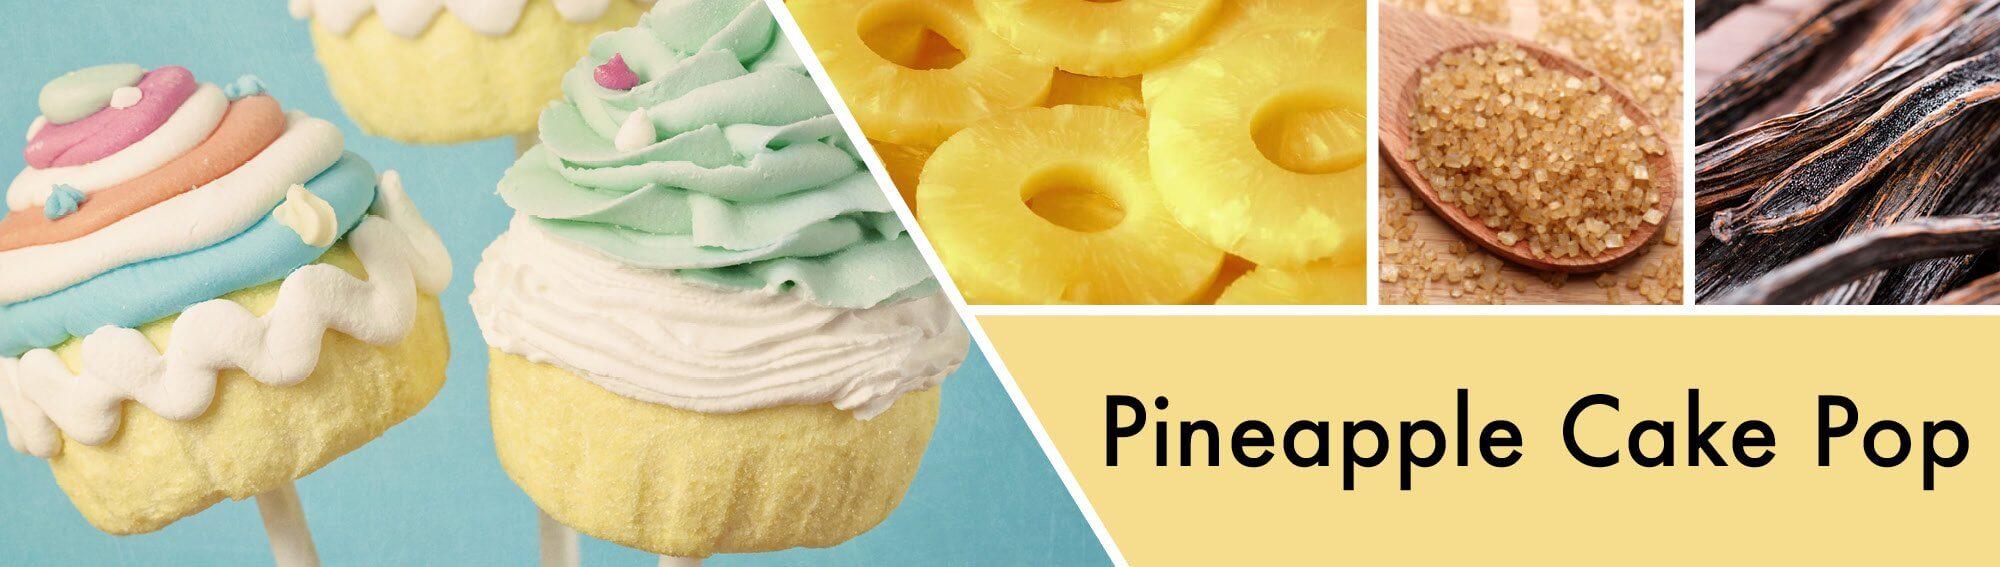 Pineapple-Cake-Pop-FragranceWJErqXwj8BbN1